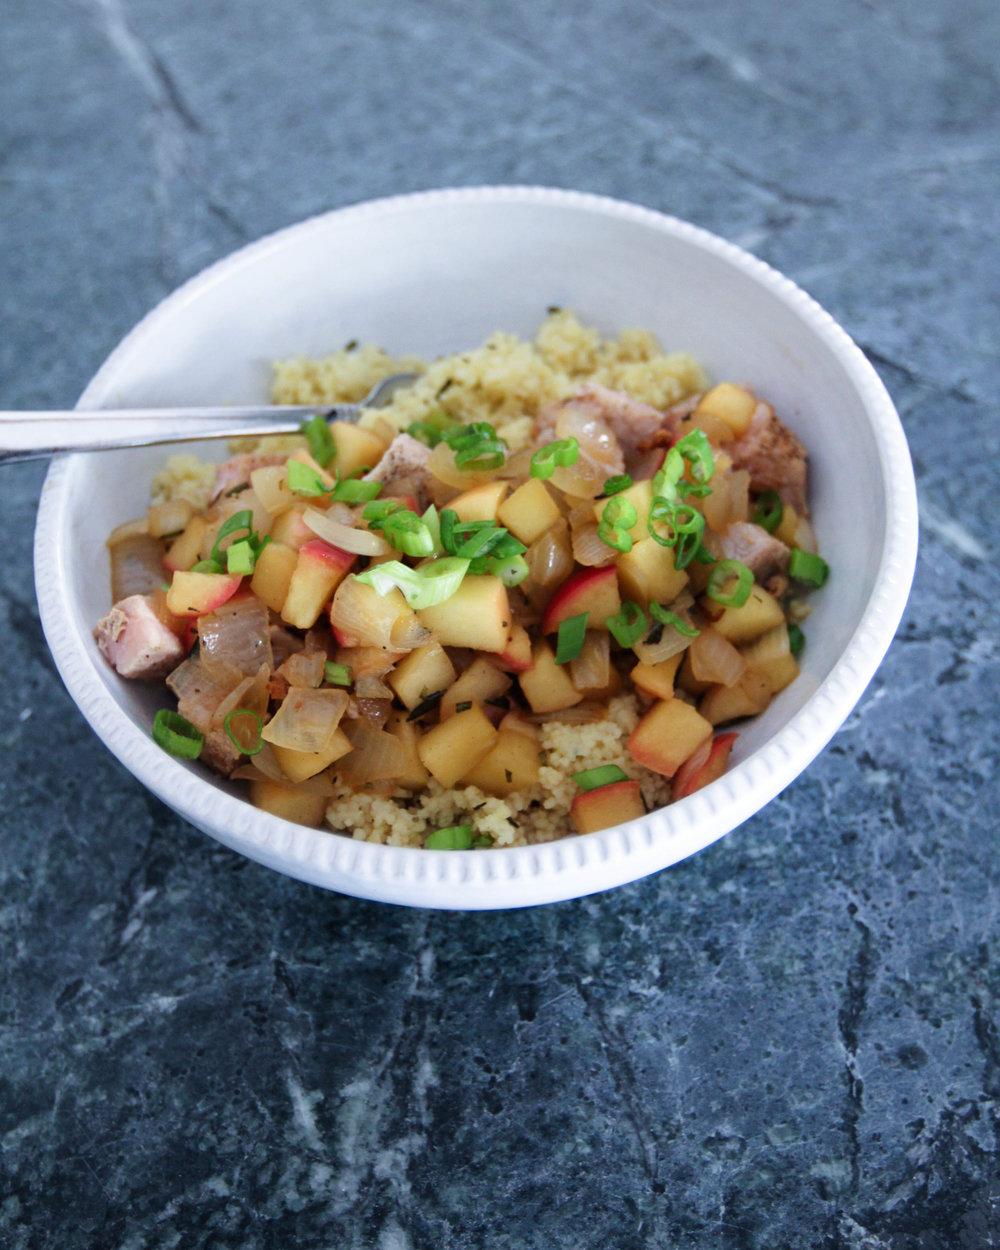 jo-torrijos-states-of-reverie-pork-apple-onion-cous-cous-4.jpg